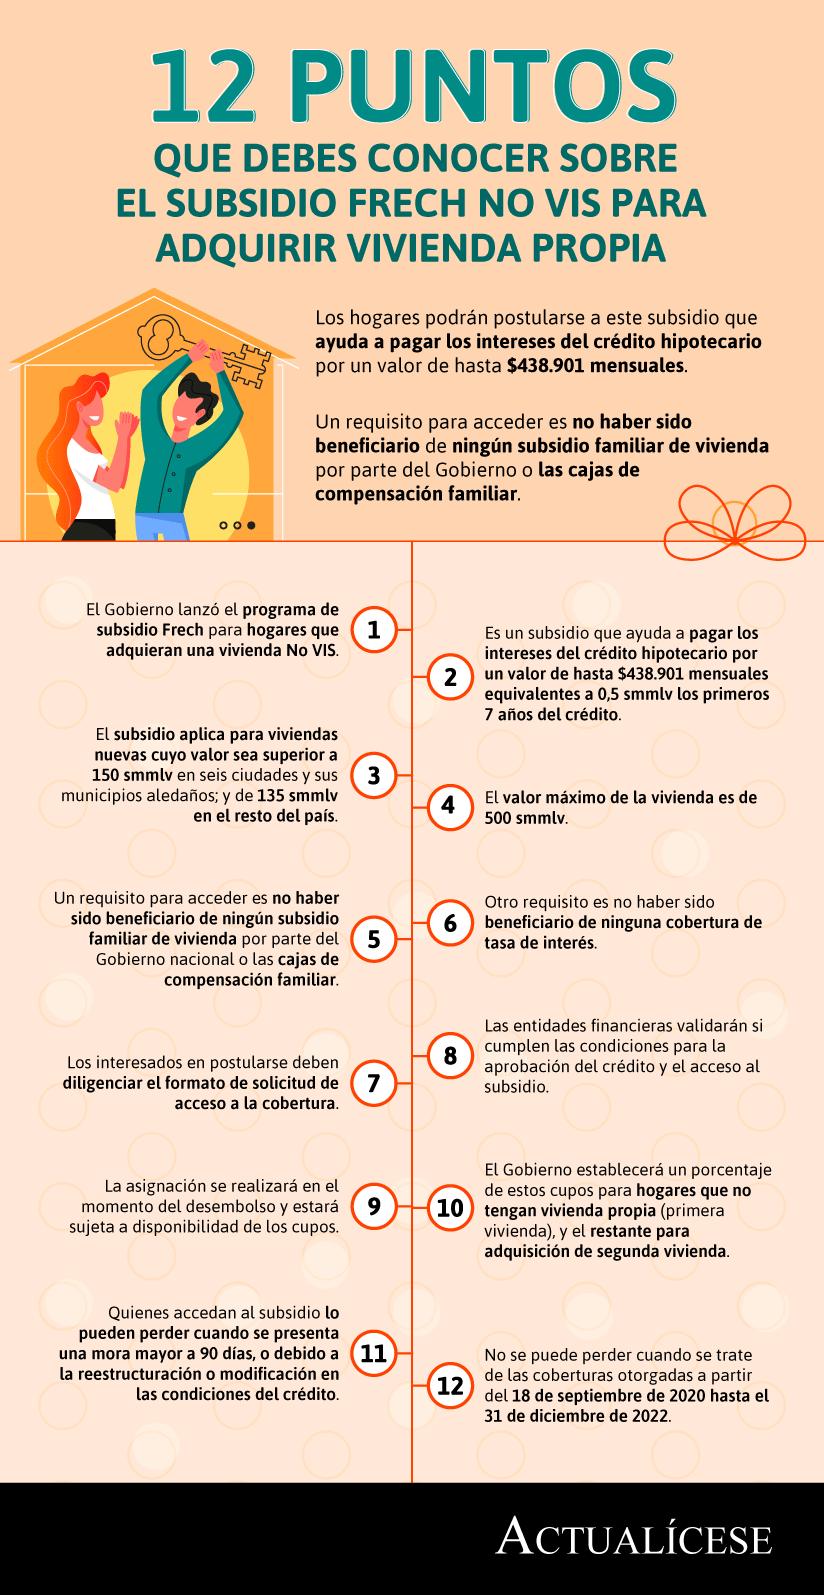 [Infografía] 12 puntos que debes conocer sobre el subsidio Frech No VIS para adquirir vivienda propia